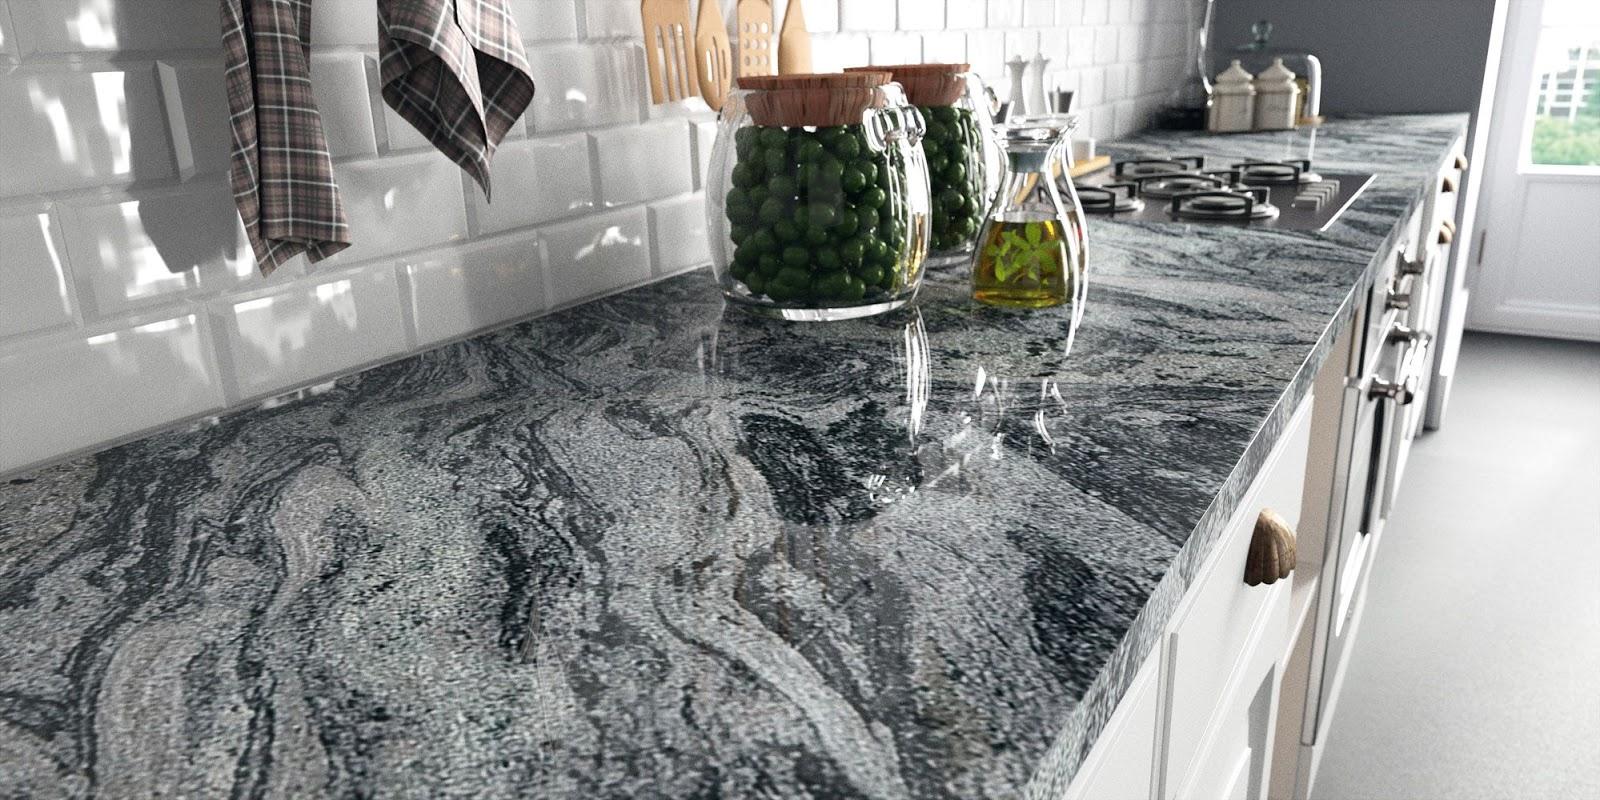 Marzua encimeras de granito precios ventajas y cuidados - Precios de granito para cocina ...